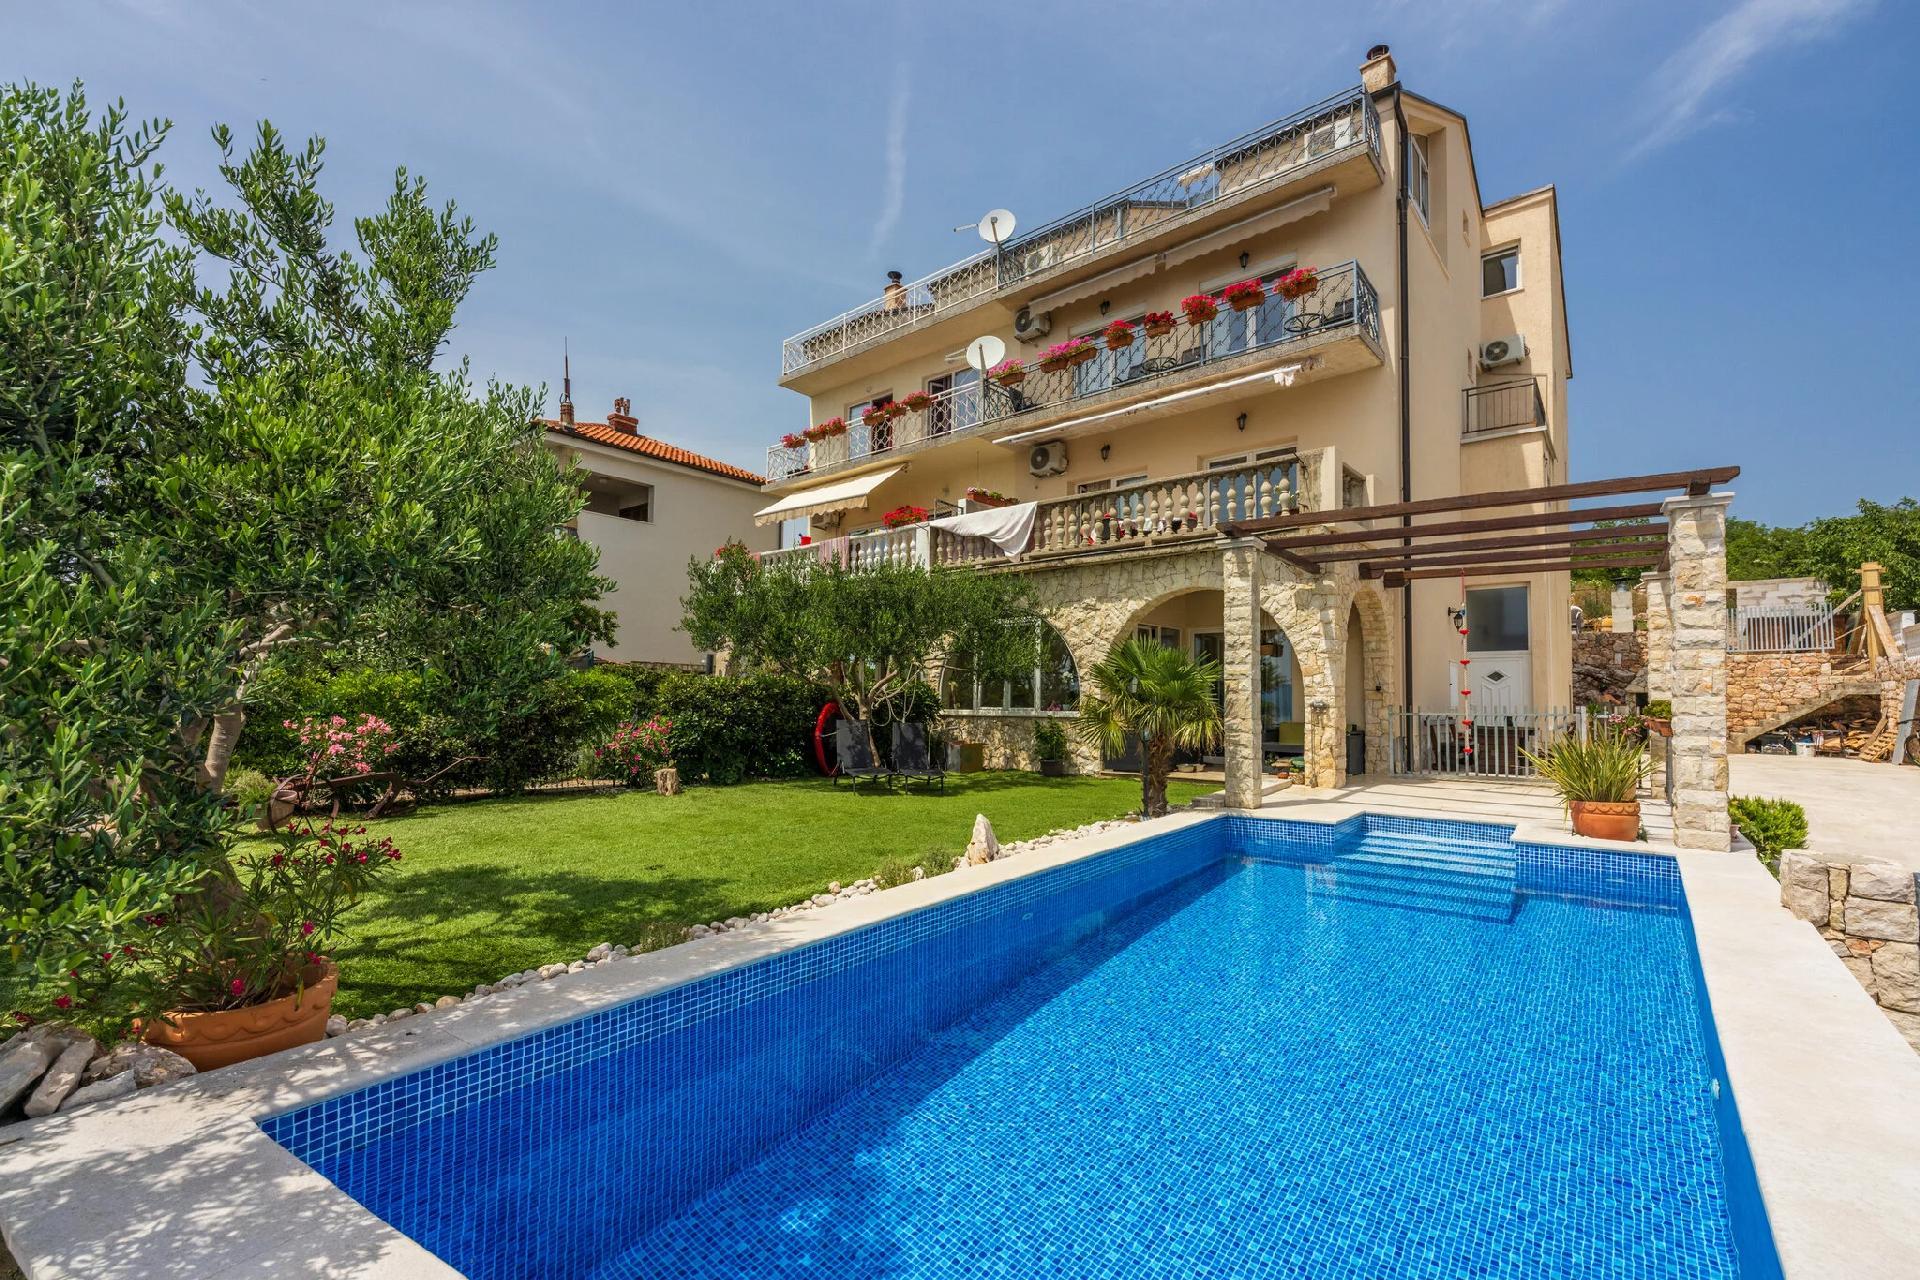 Ferienwohnung für 7 Personen ca. 80 m² i  in Kroatien